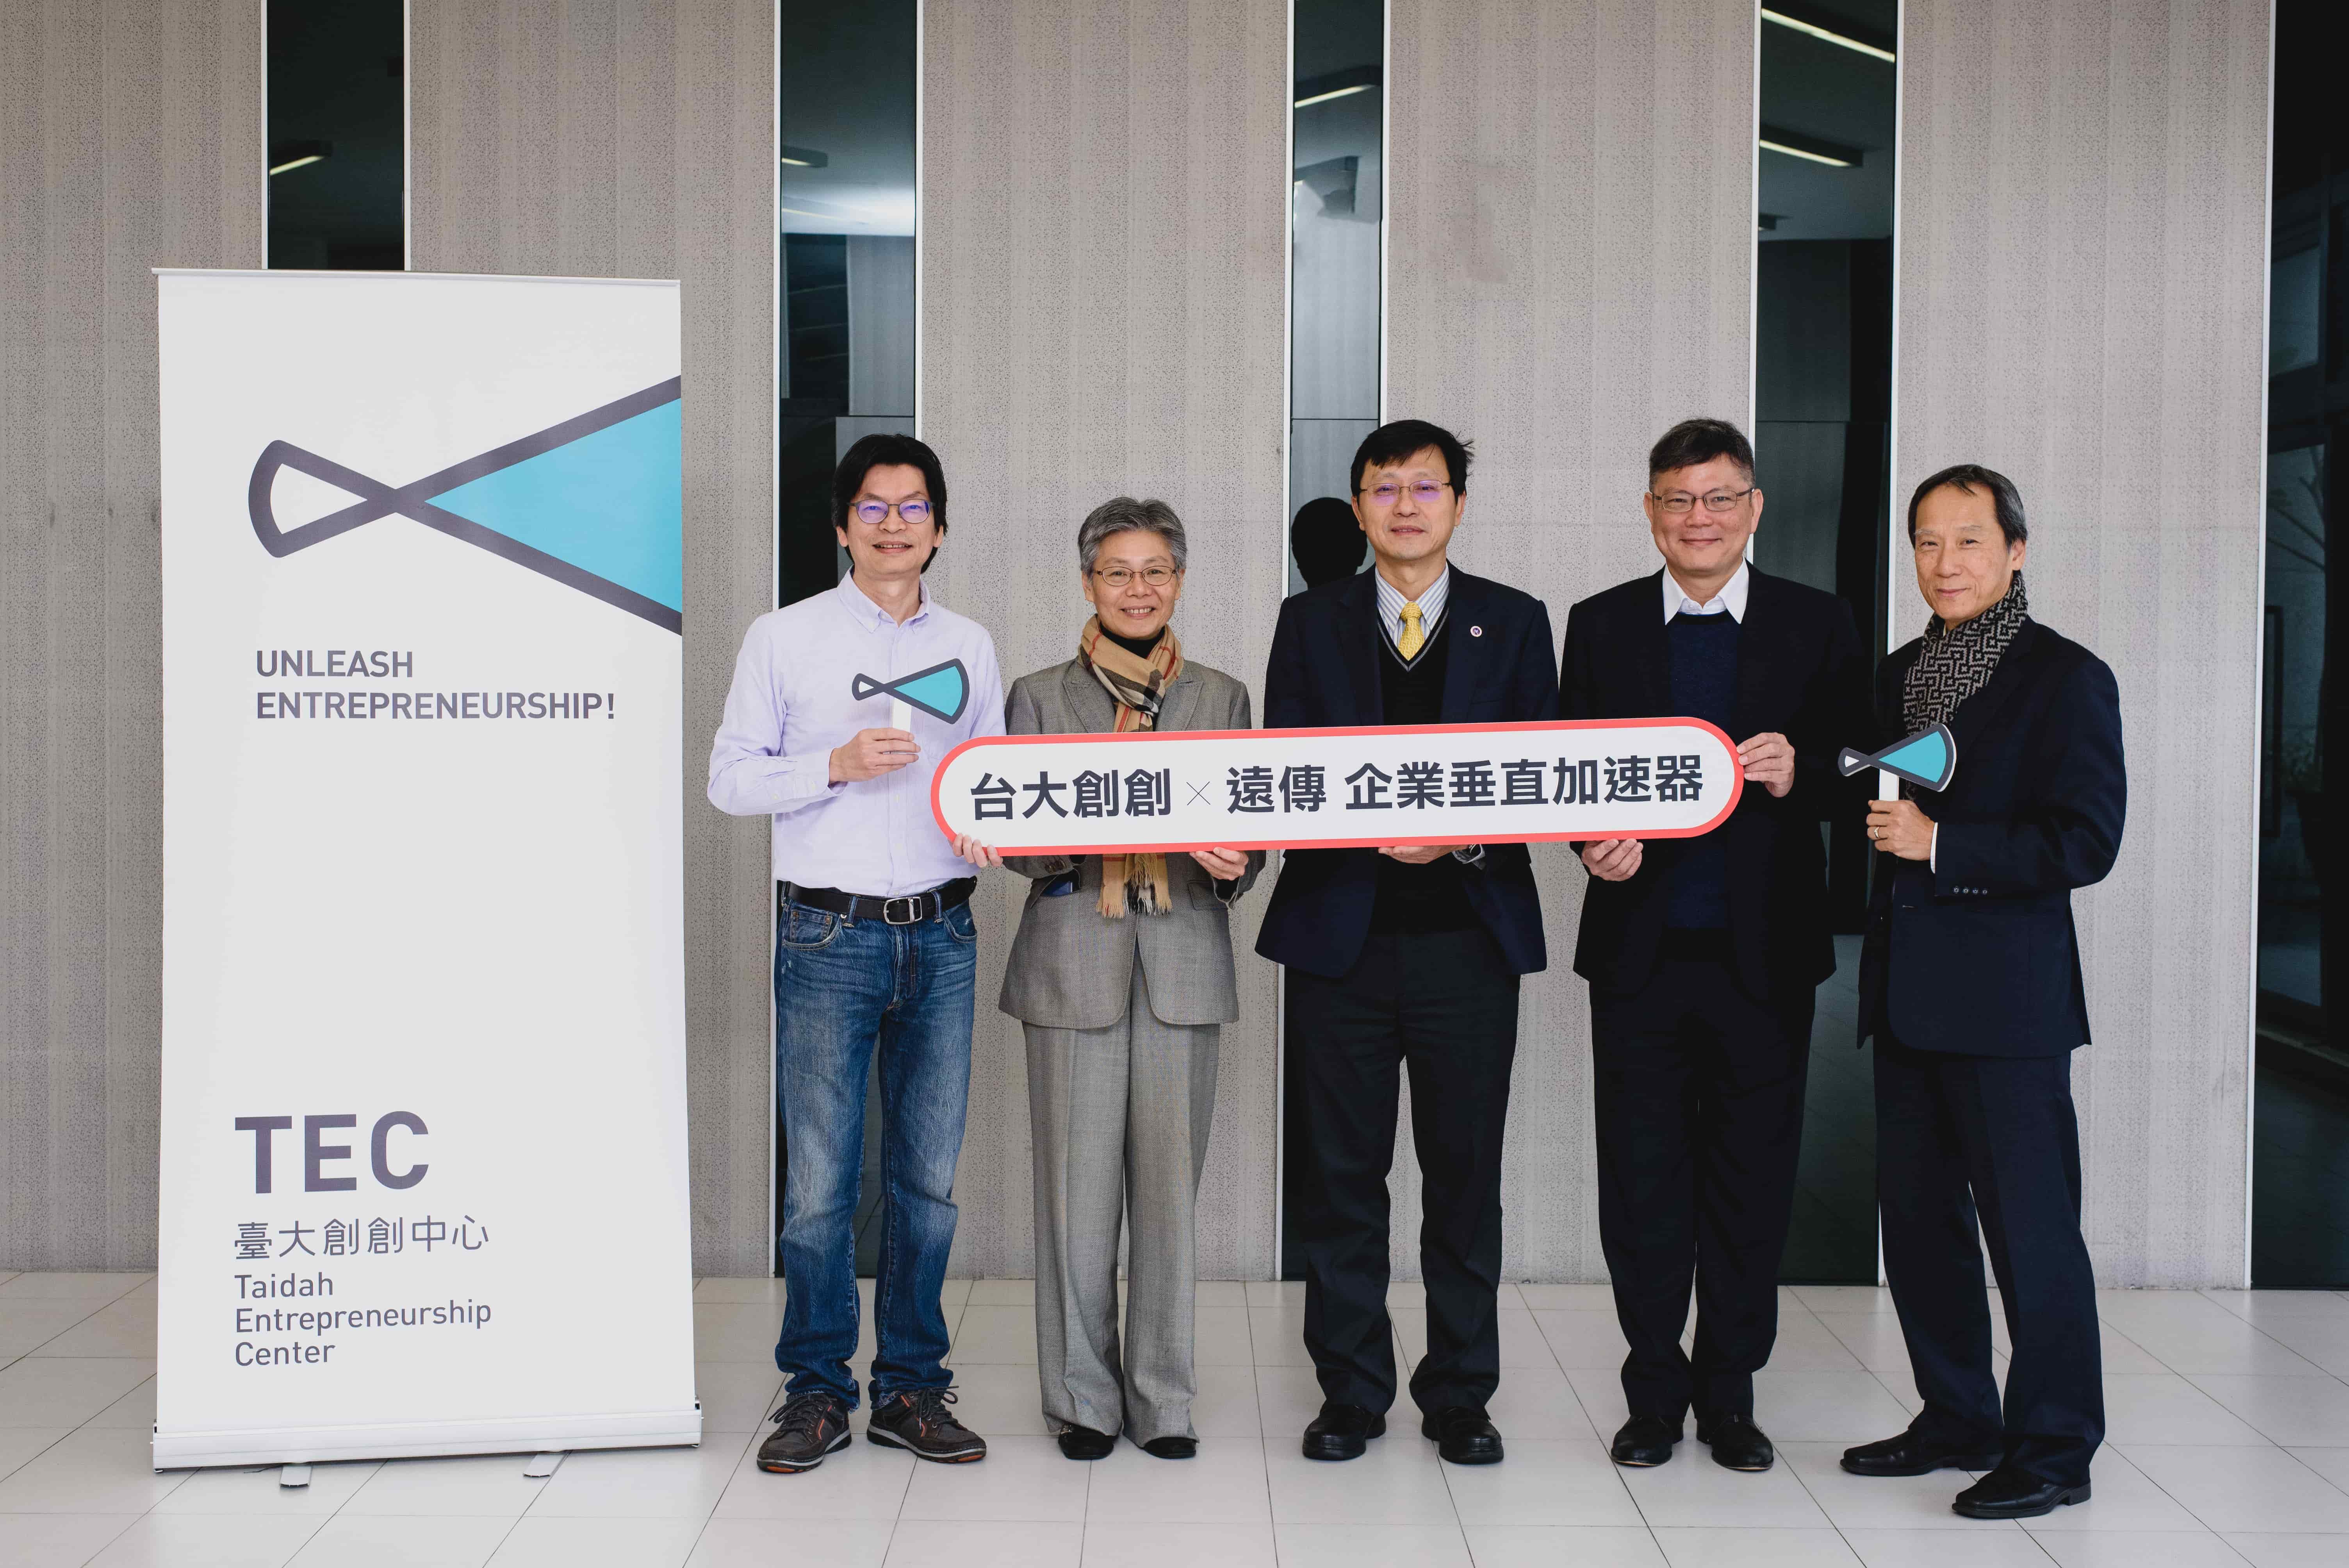 (左二)、遠傳策略暨財務管理群執行副總經理李聖珉(右二)與台大創創團隊